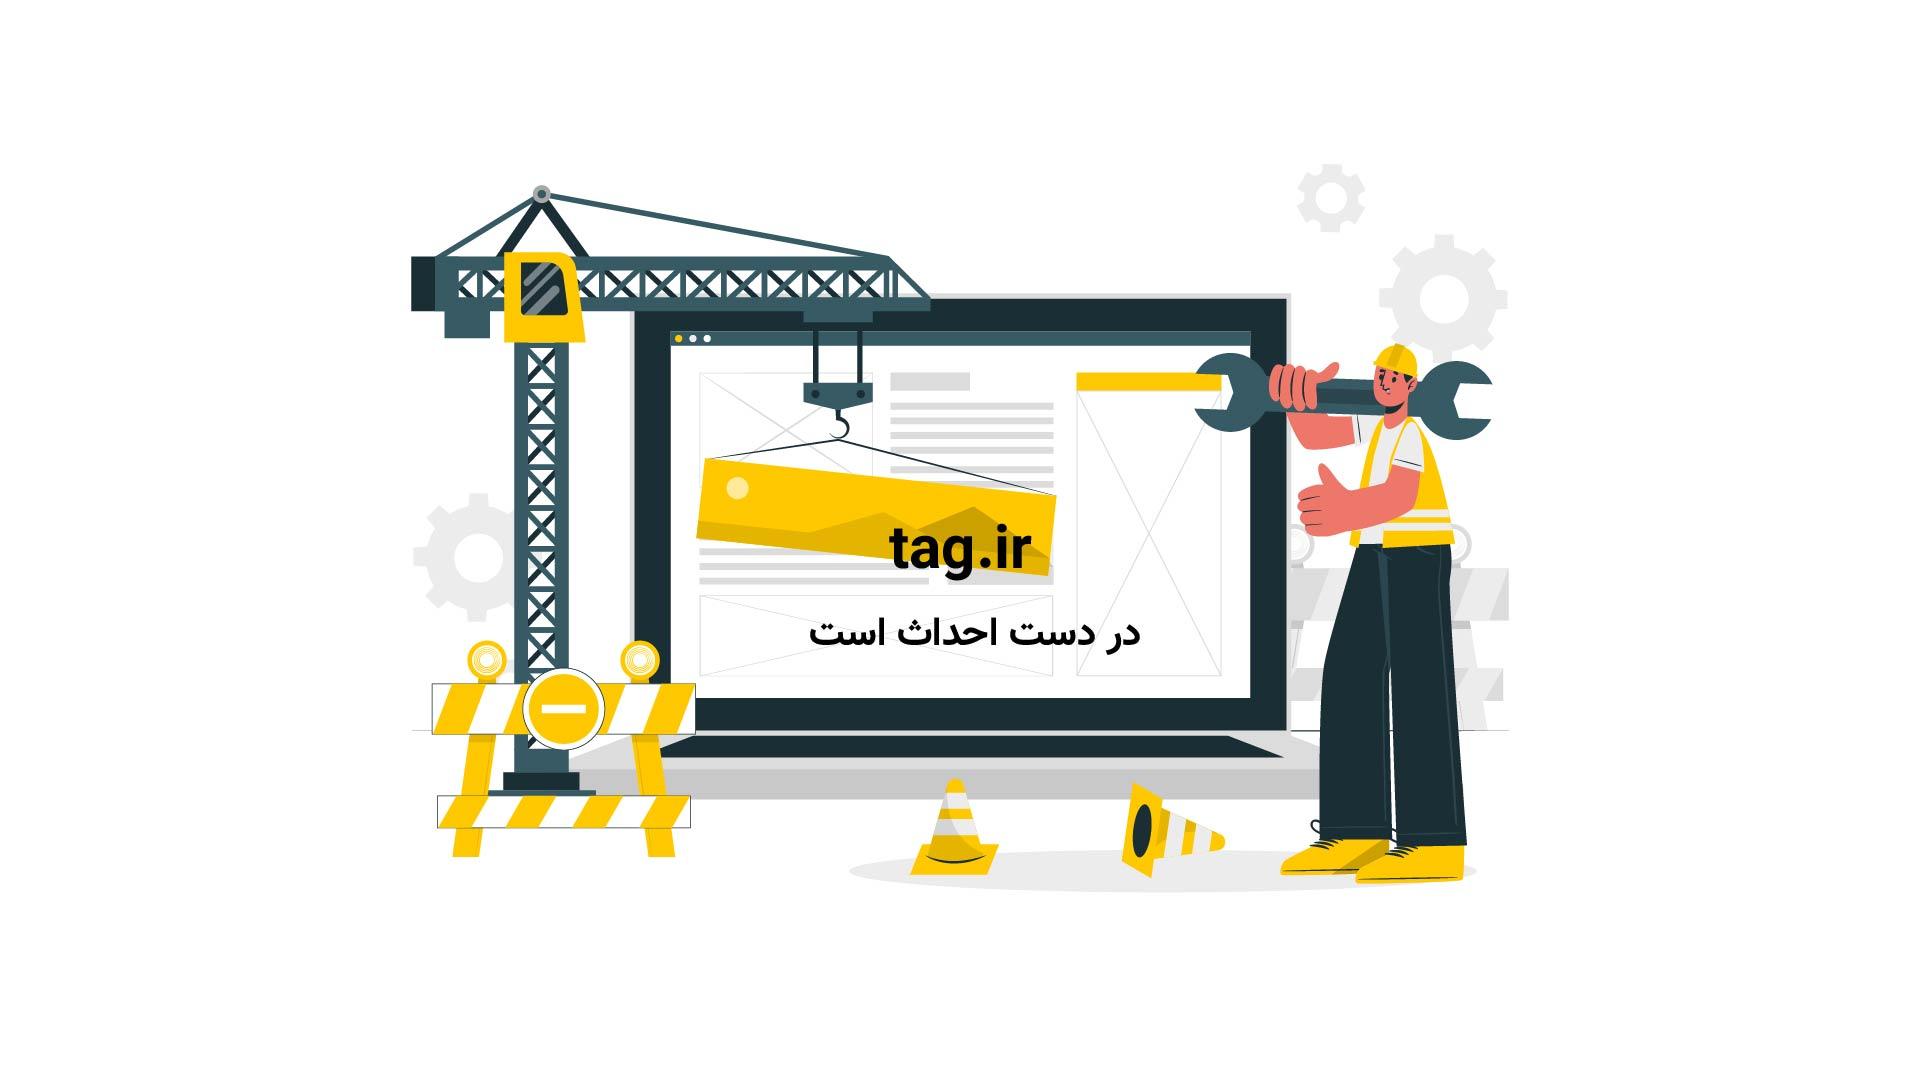 آموزش درست کردن کارت تبریک زمستانی با طرح آدم برفی | فیلم